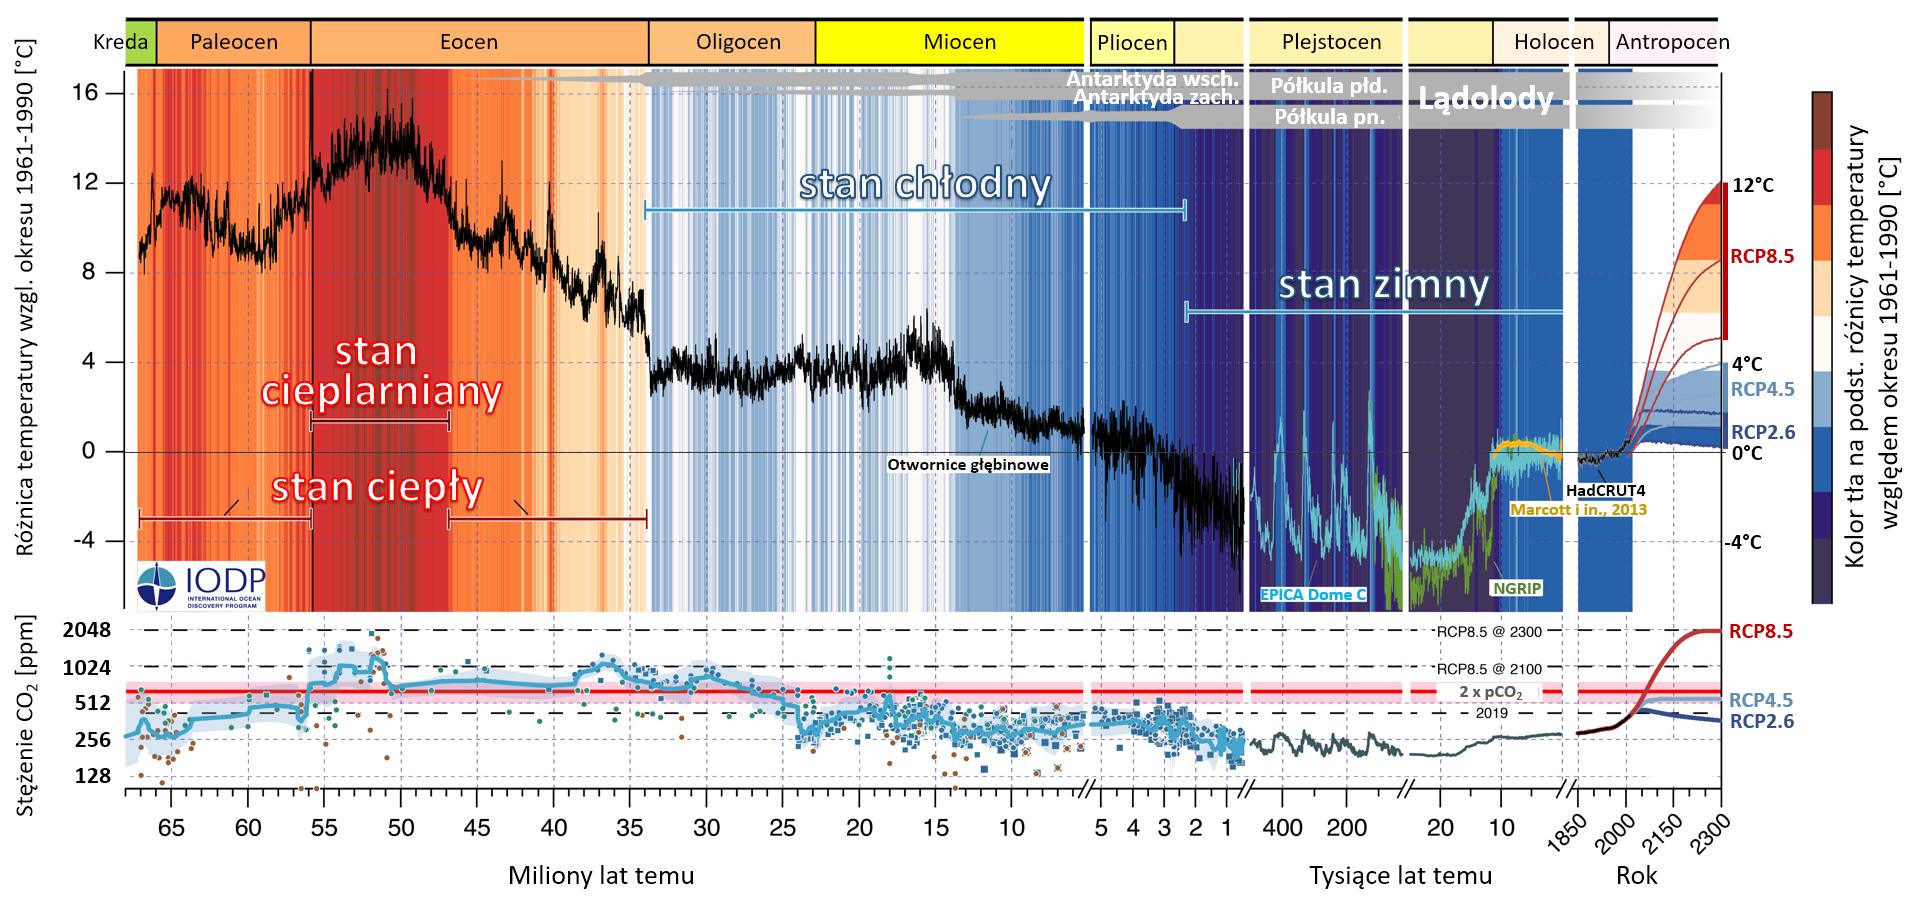 Wykres: Rekonstrukcja zmian średniej temperatury dla ostatnich 66 mln. Lat.